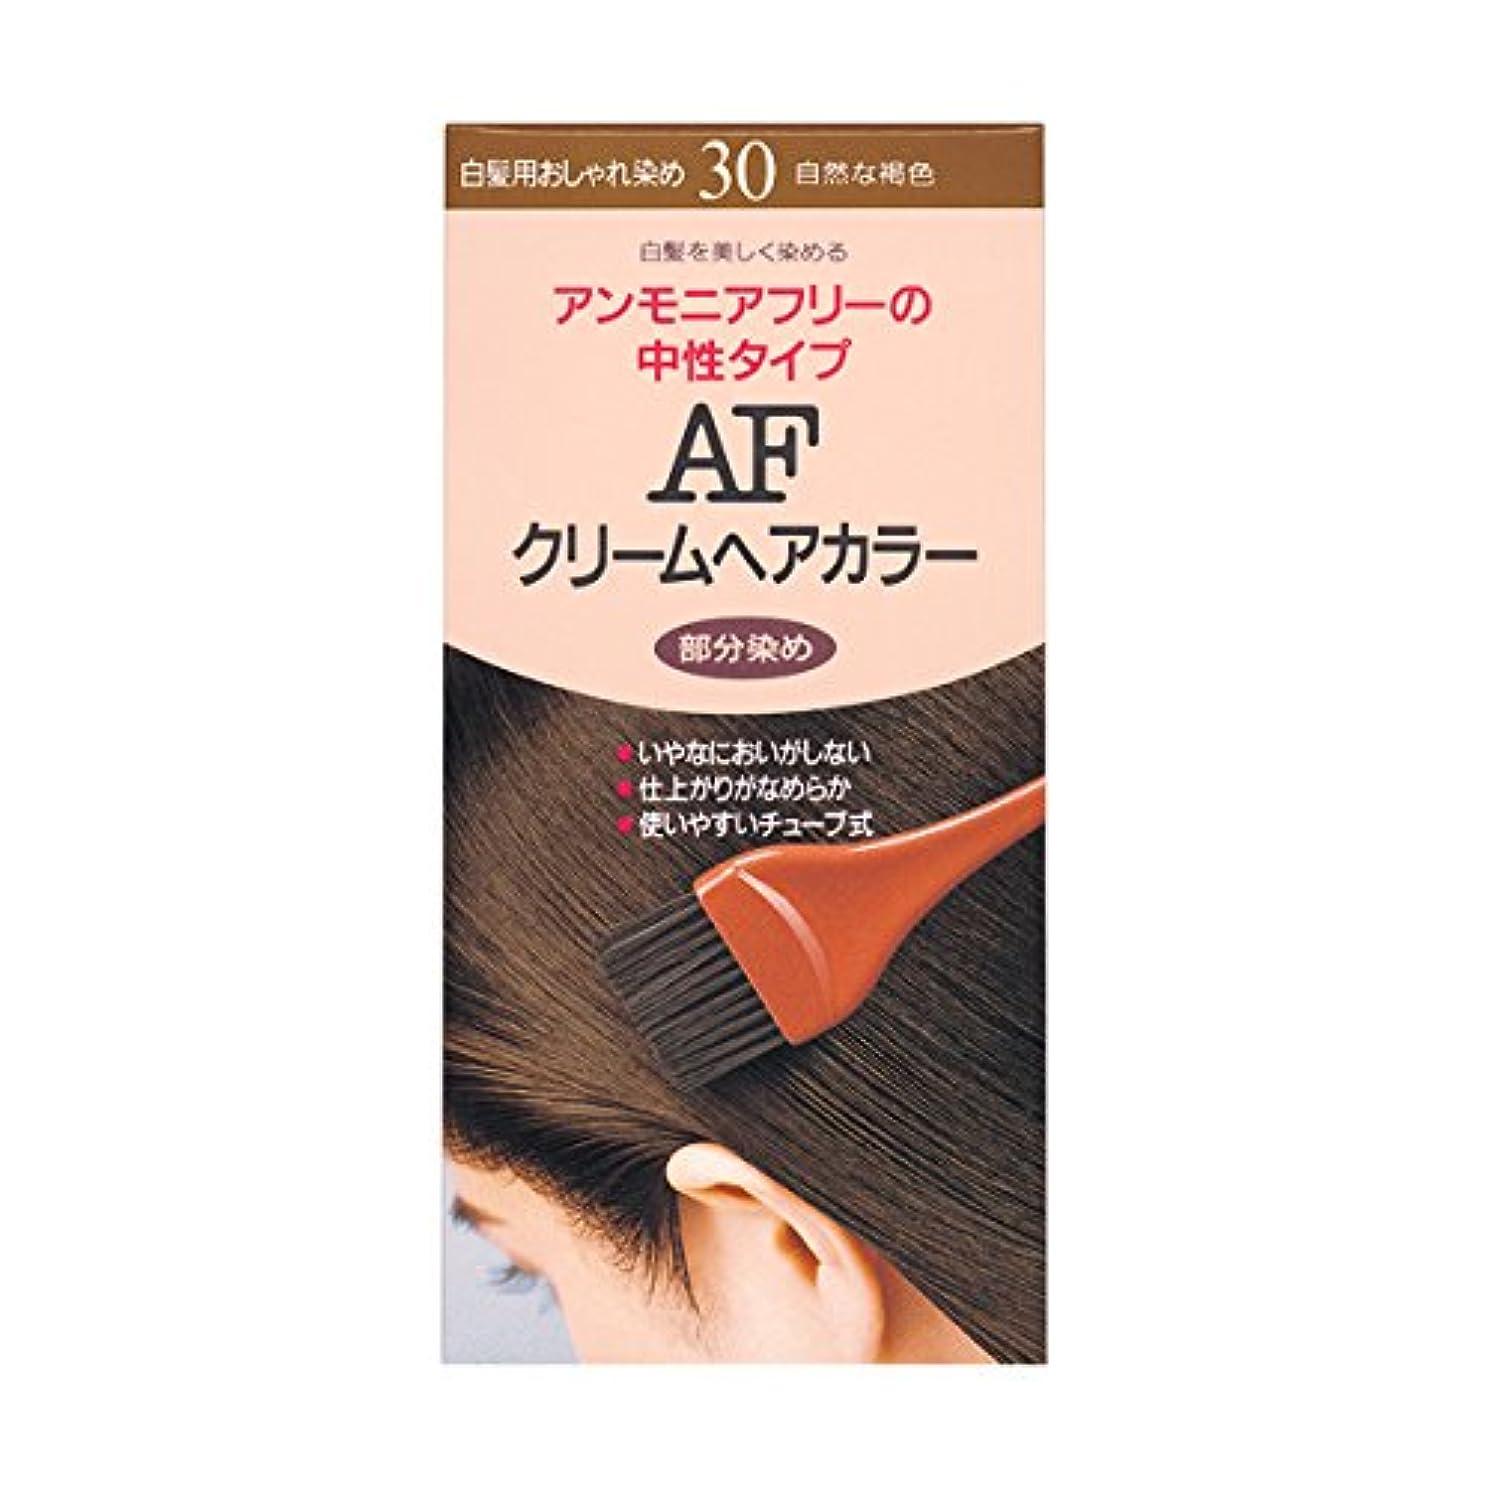 叙情的な不良品秘書ヘアカラー AFクリームヘアカラー 30 【医薬部外品】